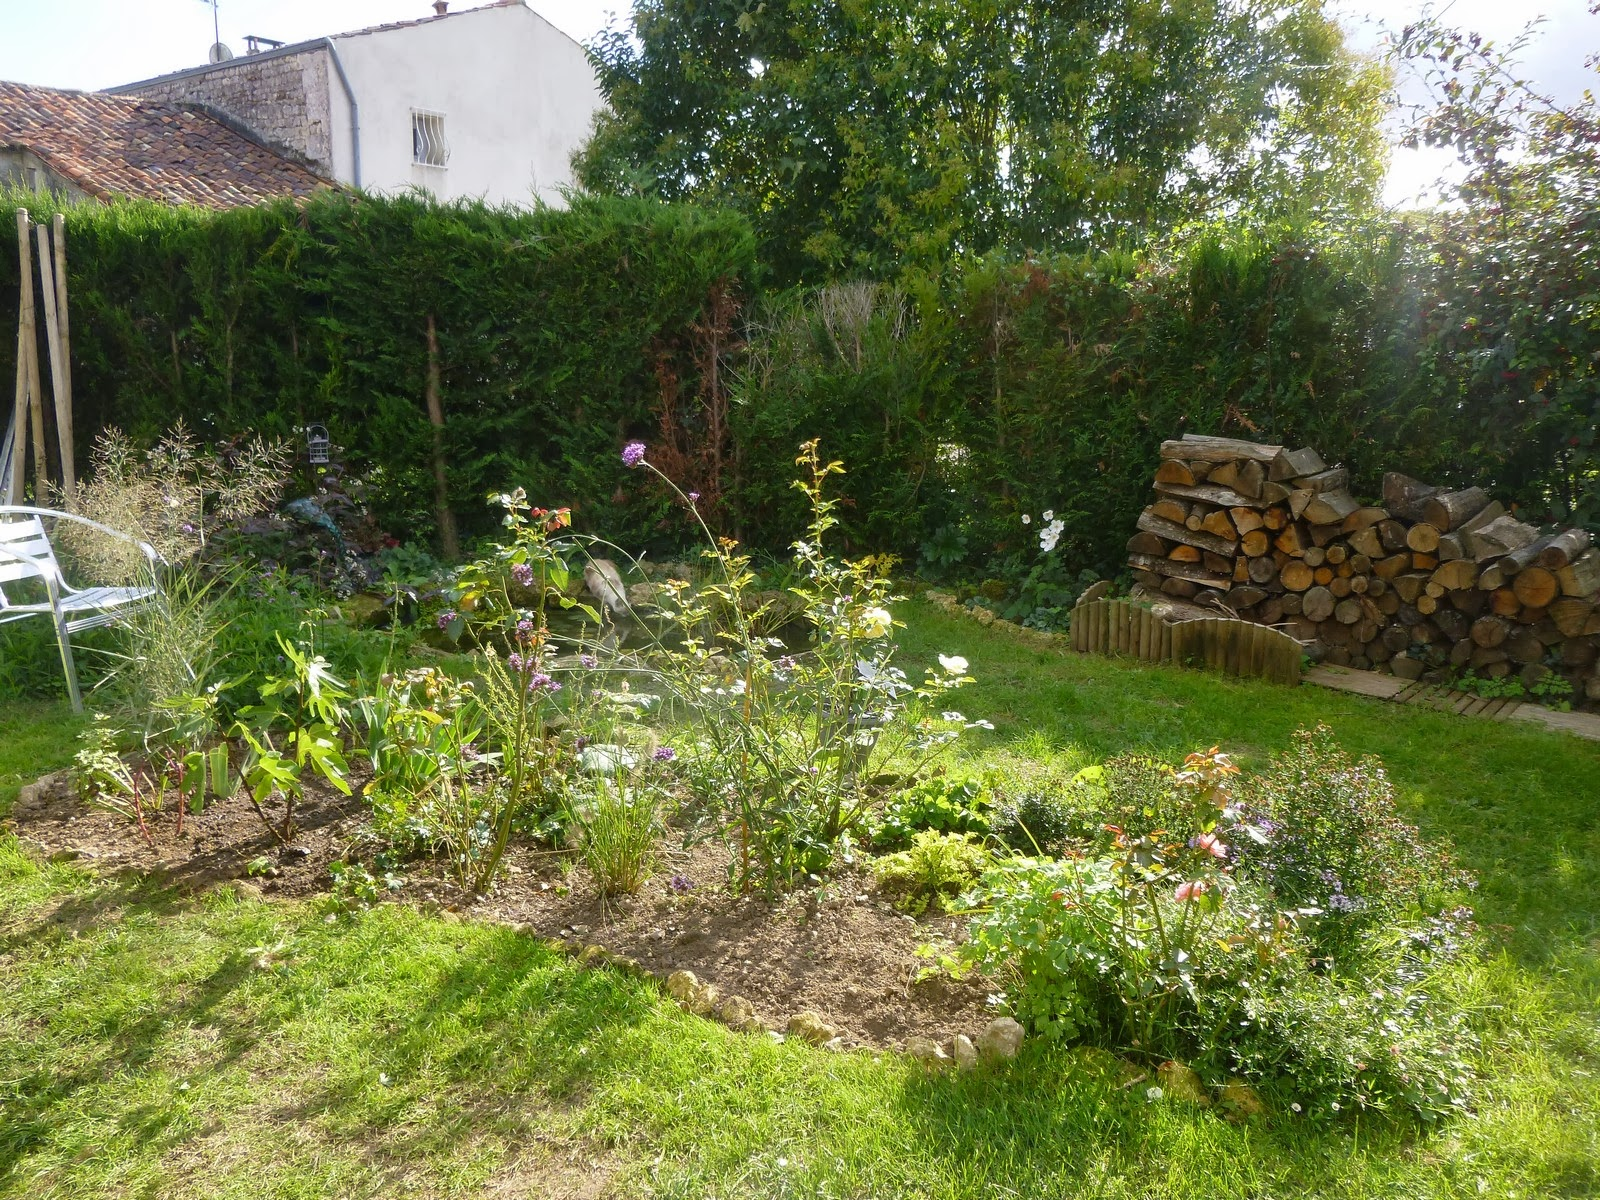 Cagouille 39 s garden un arbre au jardin for Jardin taille olivier